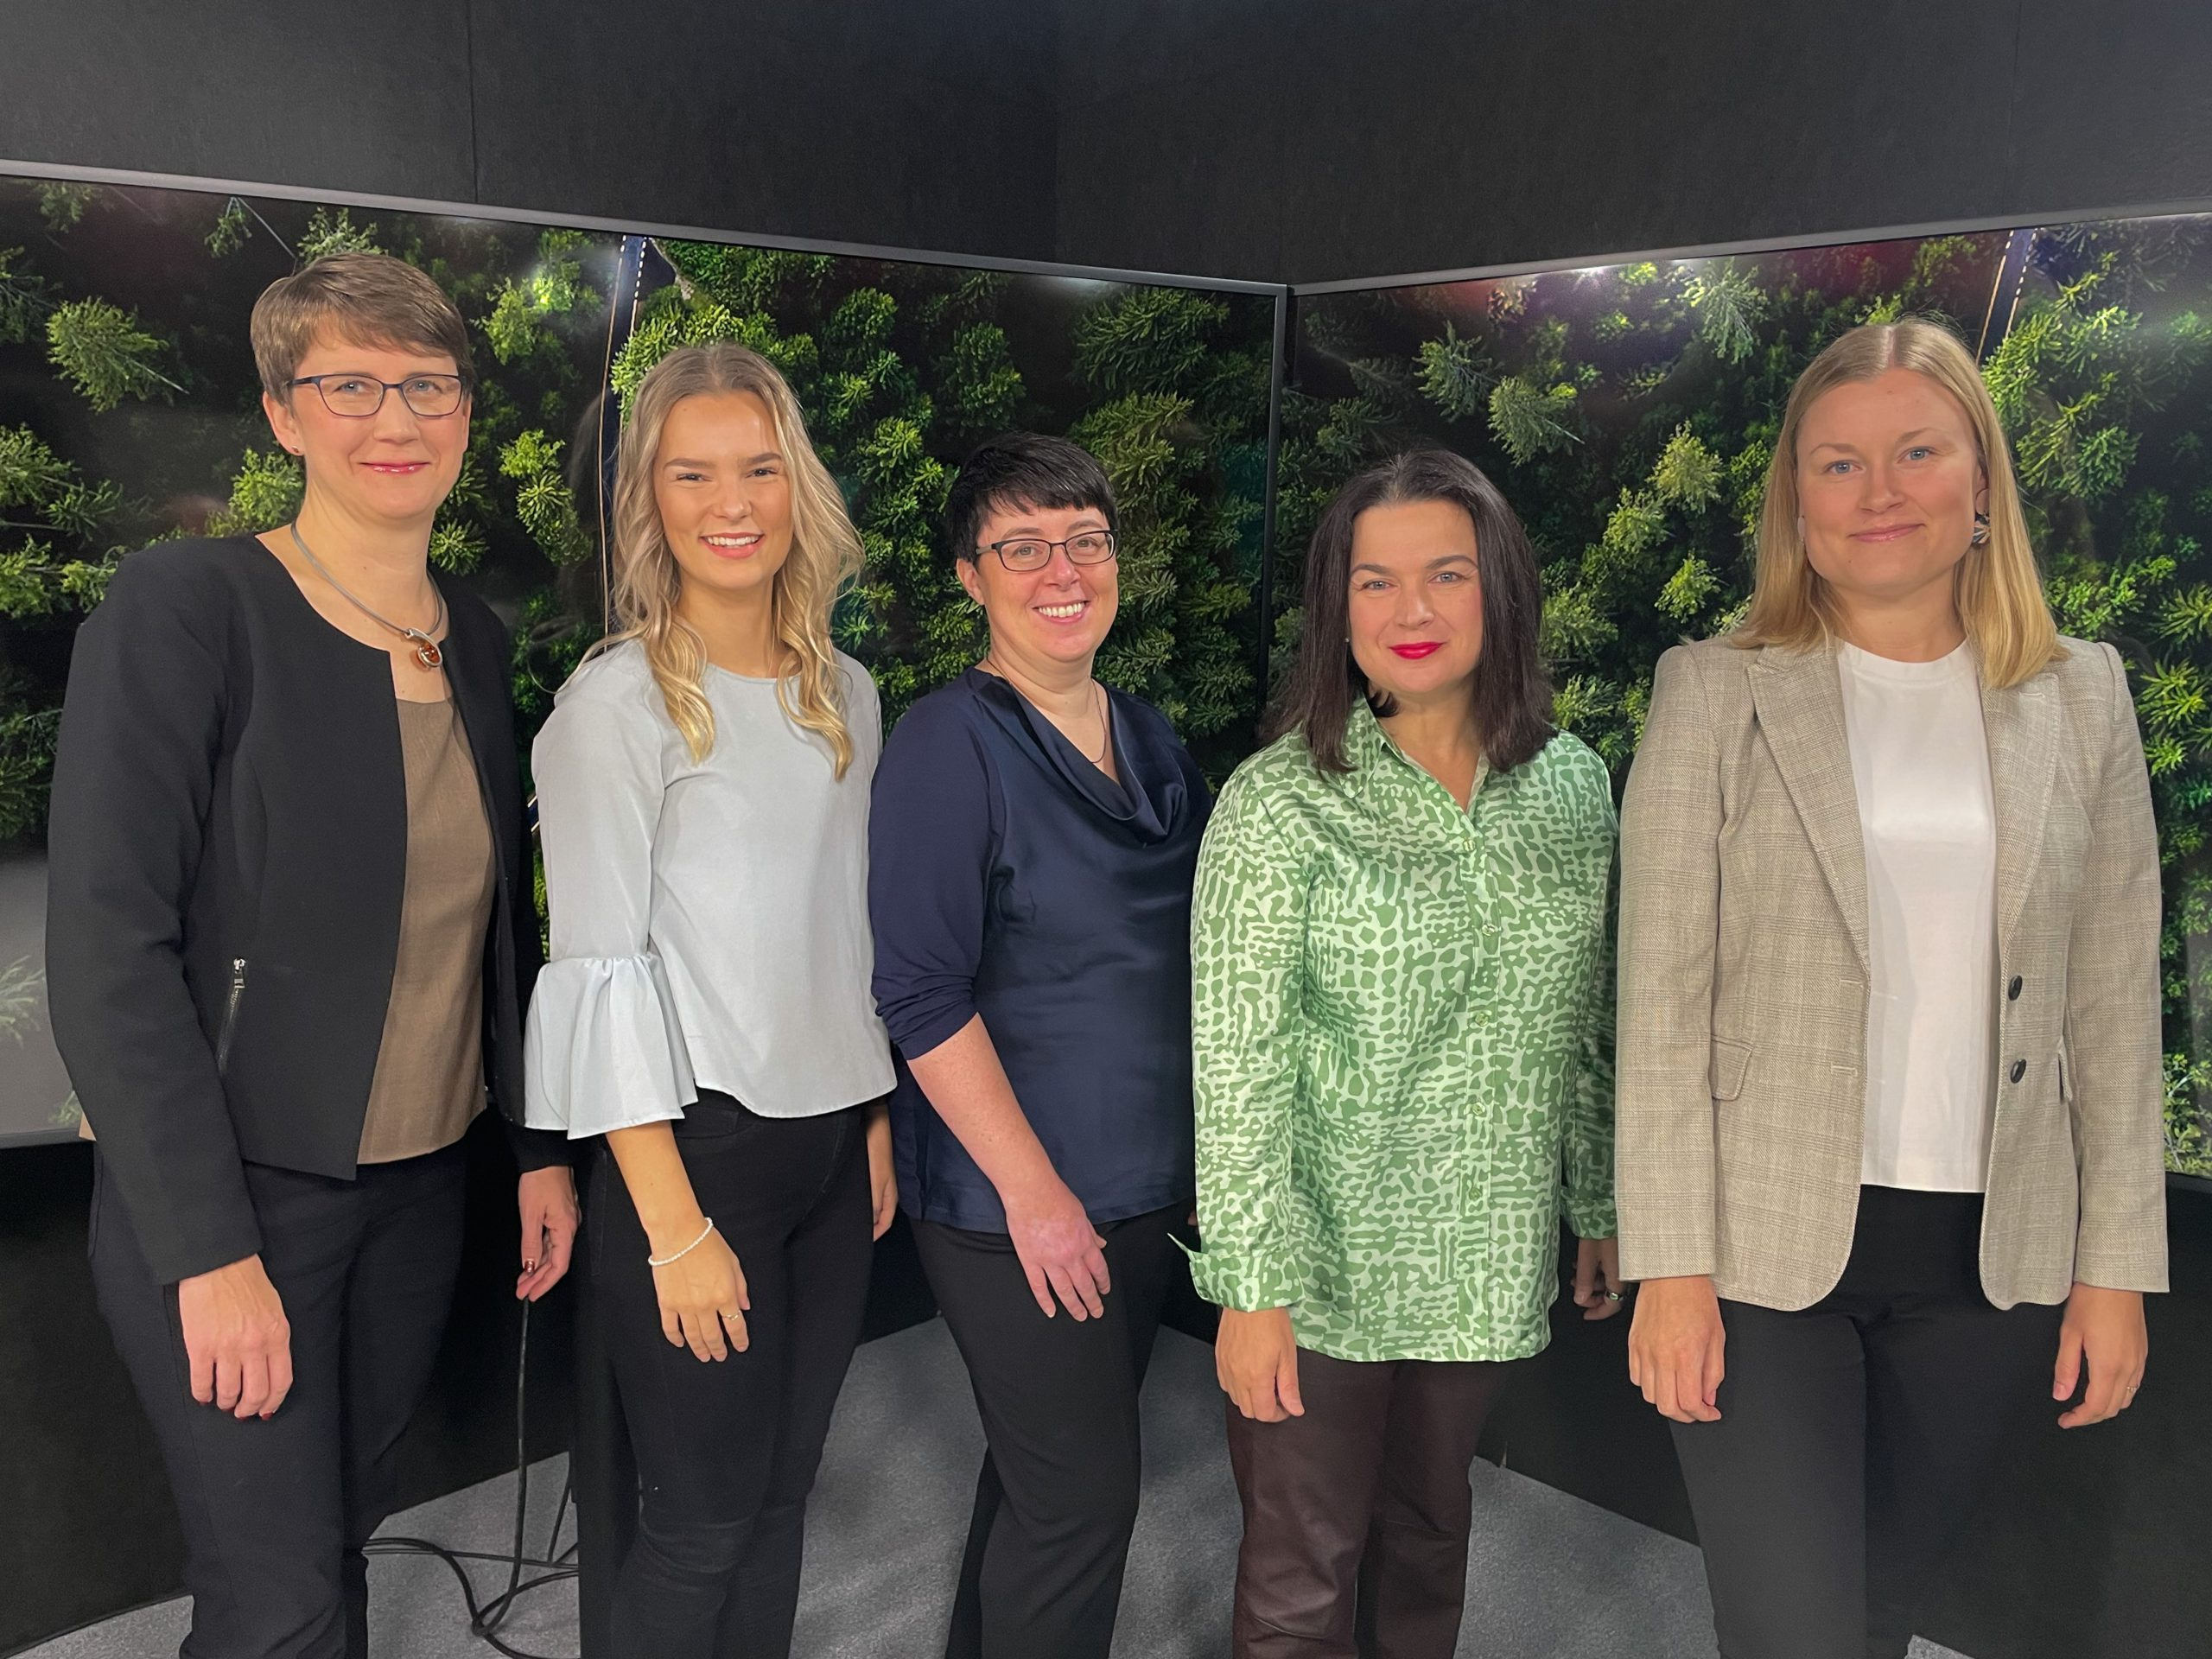 Suomalainen Ecobio lanseerasi ensimmäisenä maailmassa kattavan digitaalisen ratkaisun EU-taksonomia-asetuksen noudattamiseksi